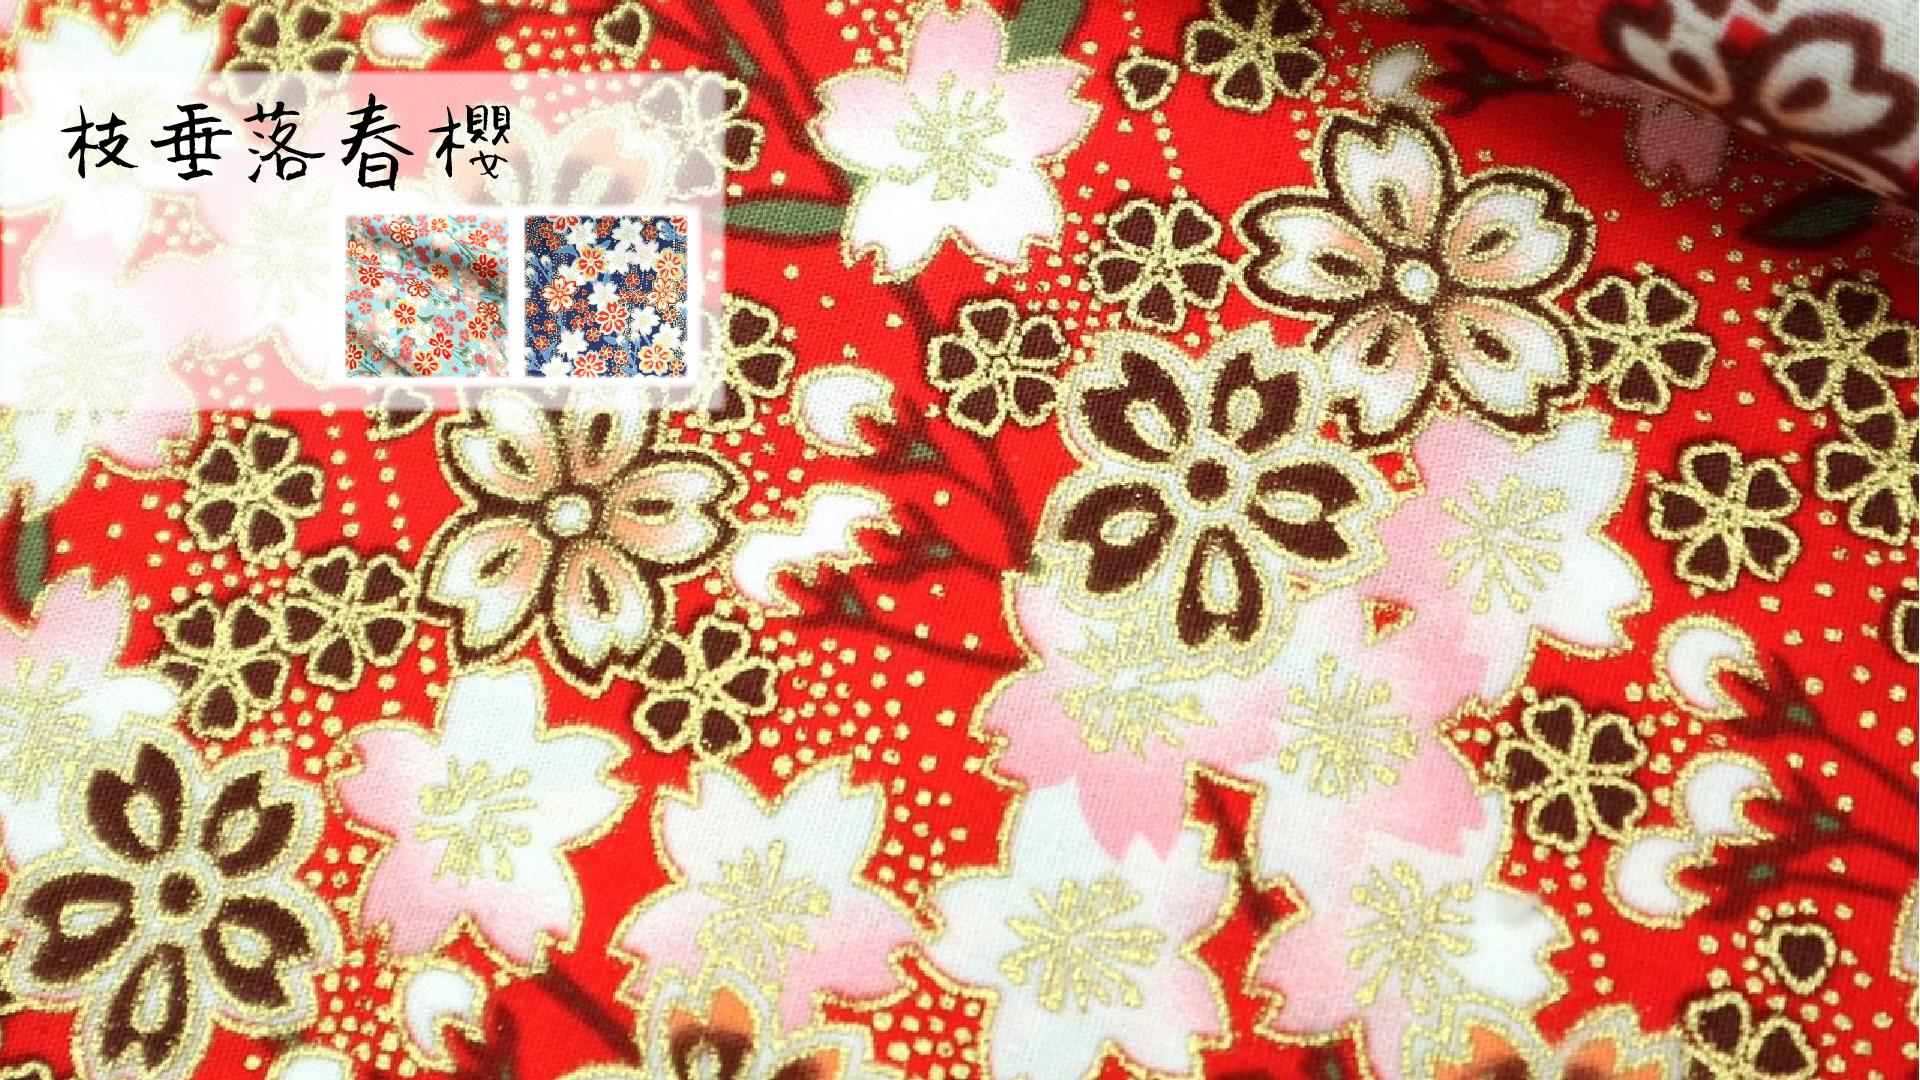 薄棉布 條紋 手作 純棉布 紅包布 燙金布 紅包袋